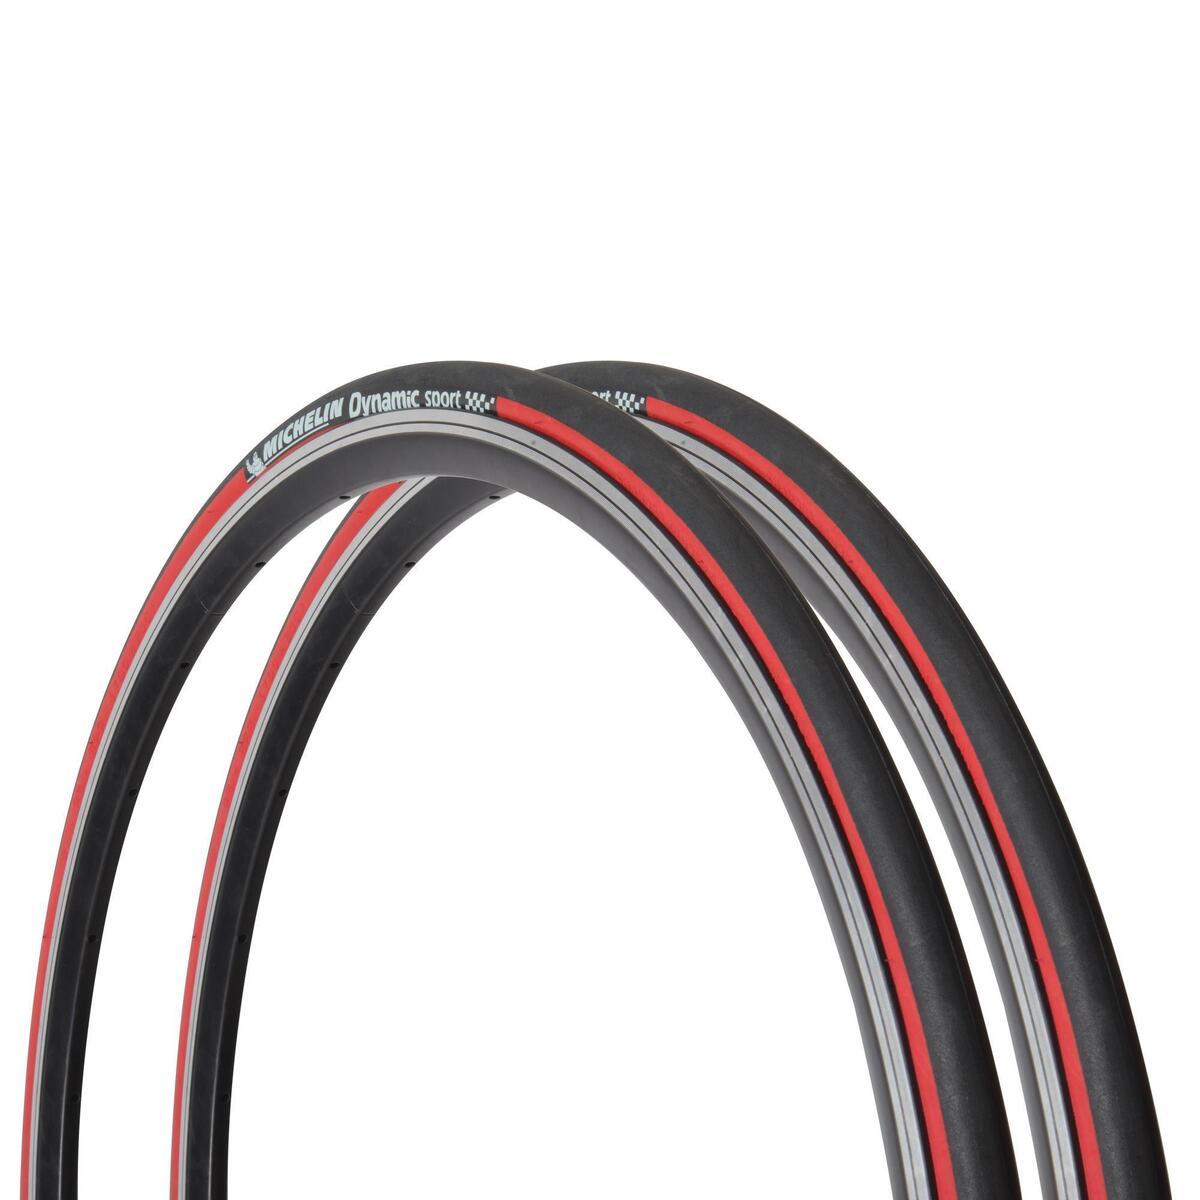 Bild 2 von 2 Drahtreifen Rennrad Dynamic Sport 700x23 (23-622) rot